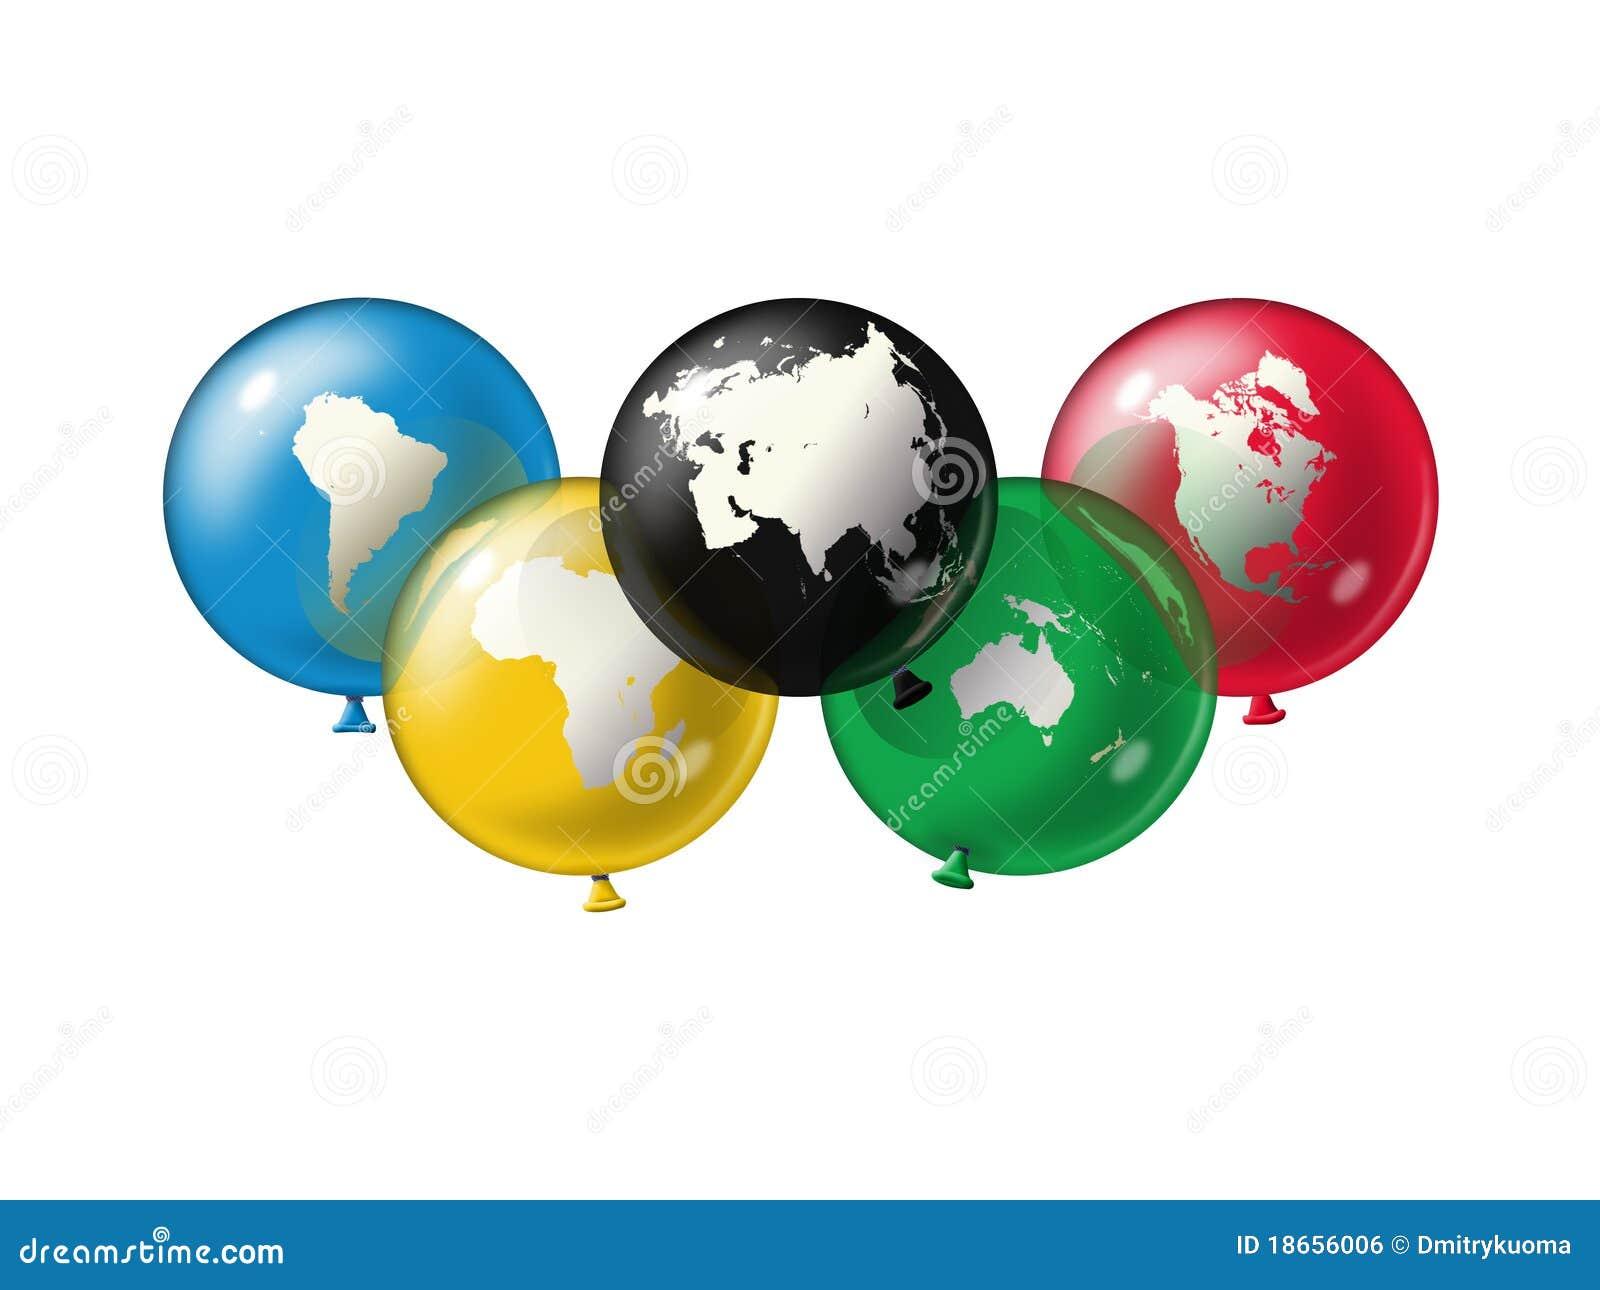 Olympic Symbol Royalty Free Stock Image - Image: 18656006